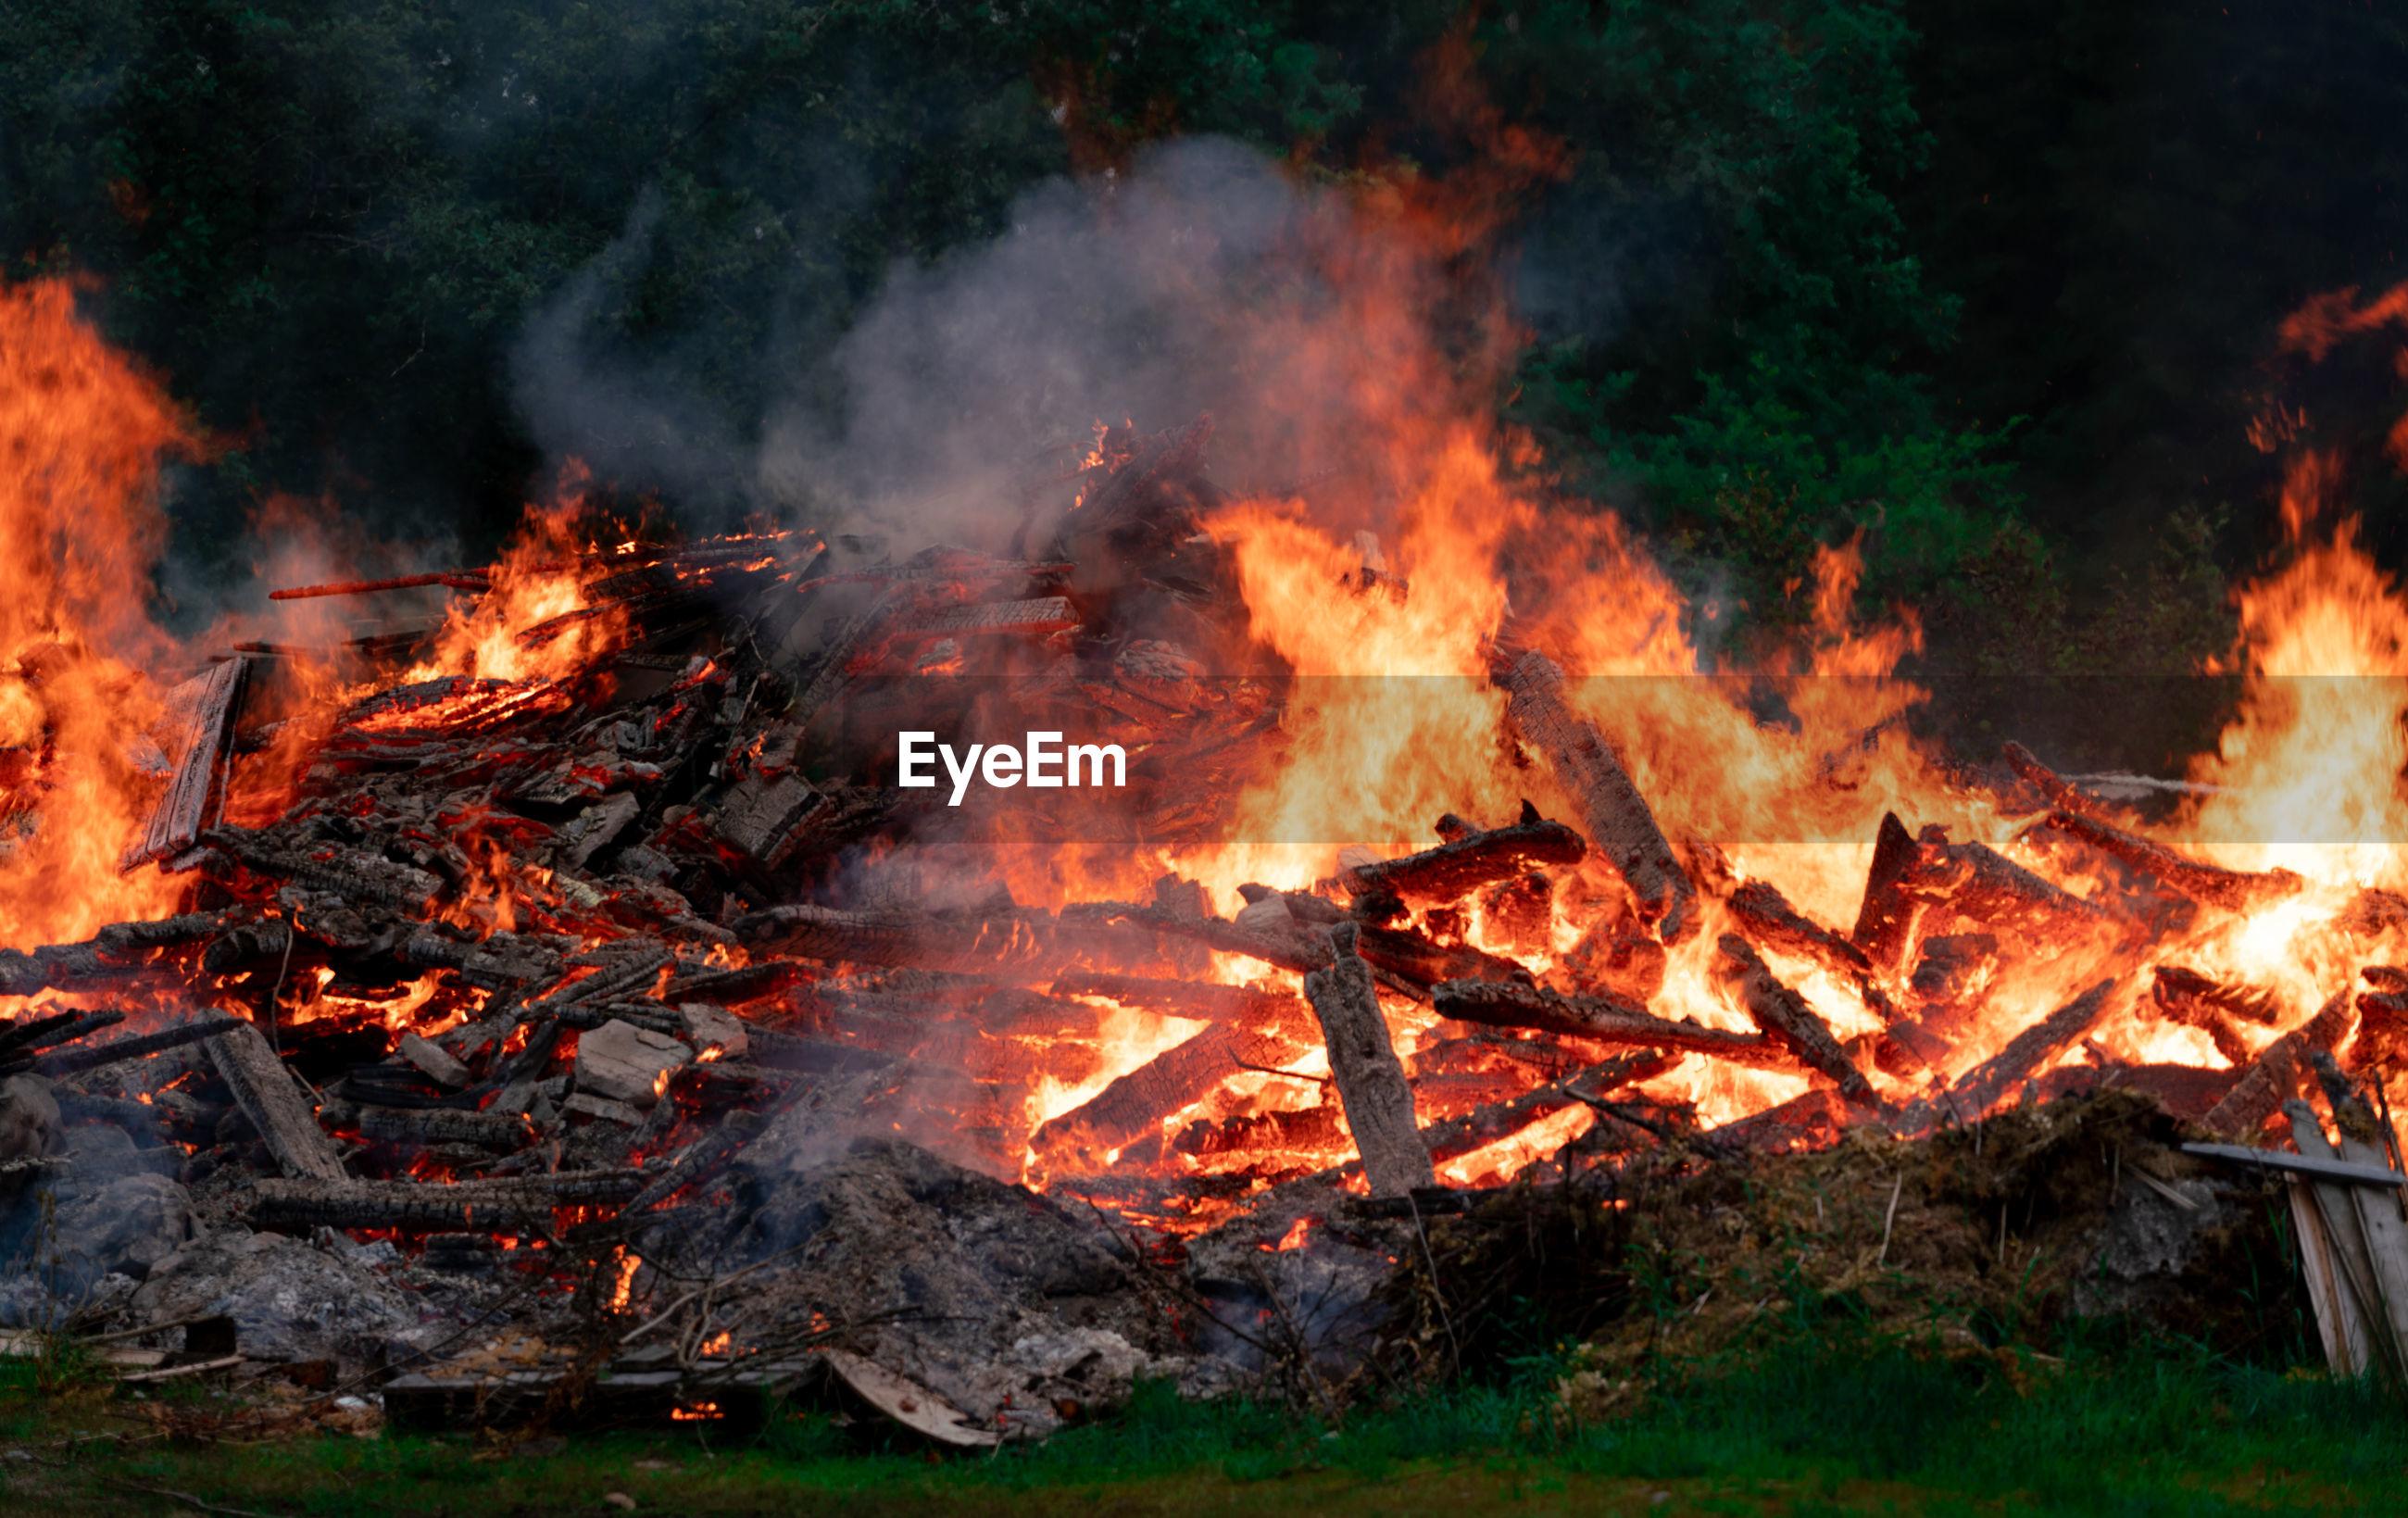 BONFIRE ON FIRE IN SUNLIGHT